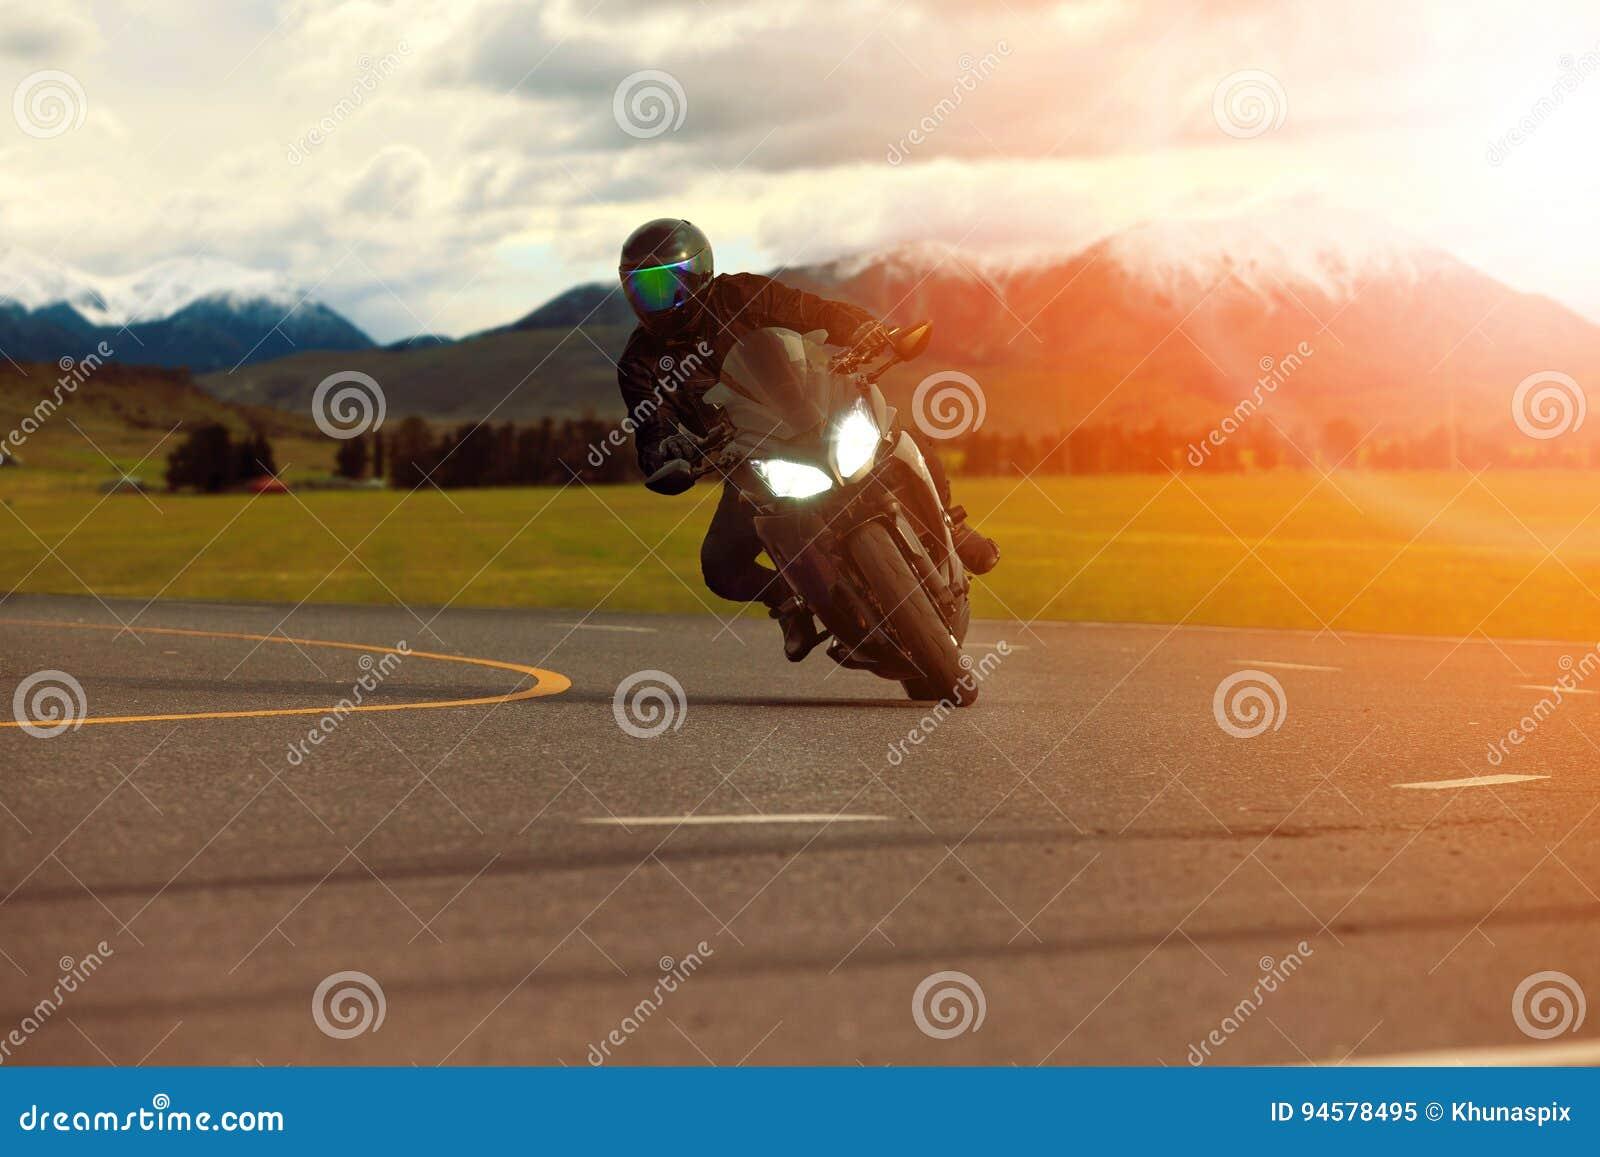 Bemannen Sie das Reitsportmotorrad, das in der scharfen Kurve mit travelin sich lehnt